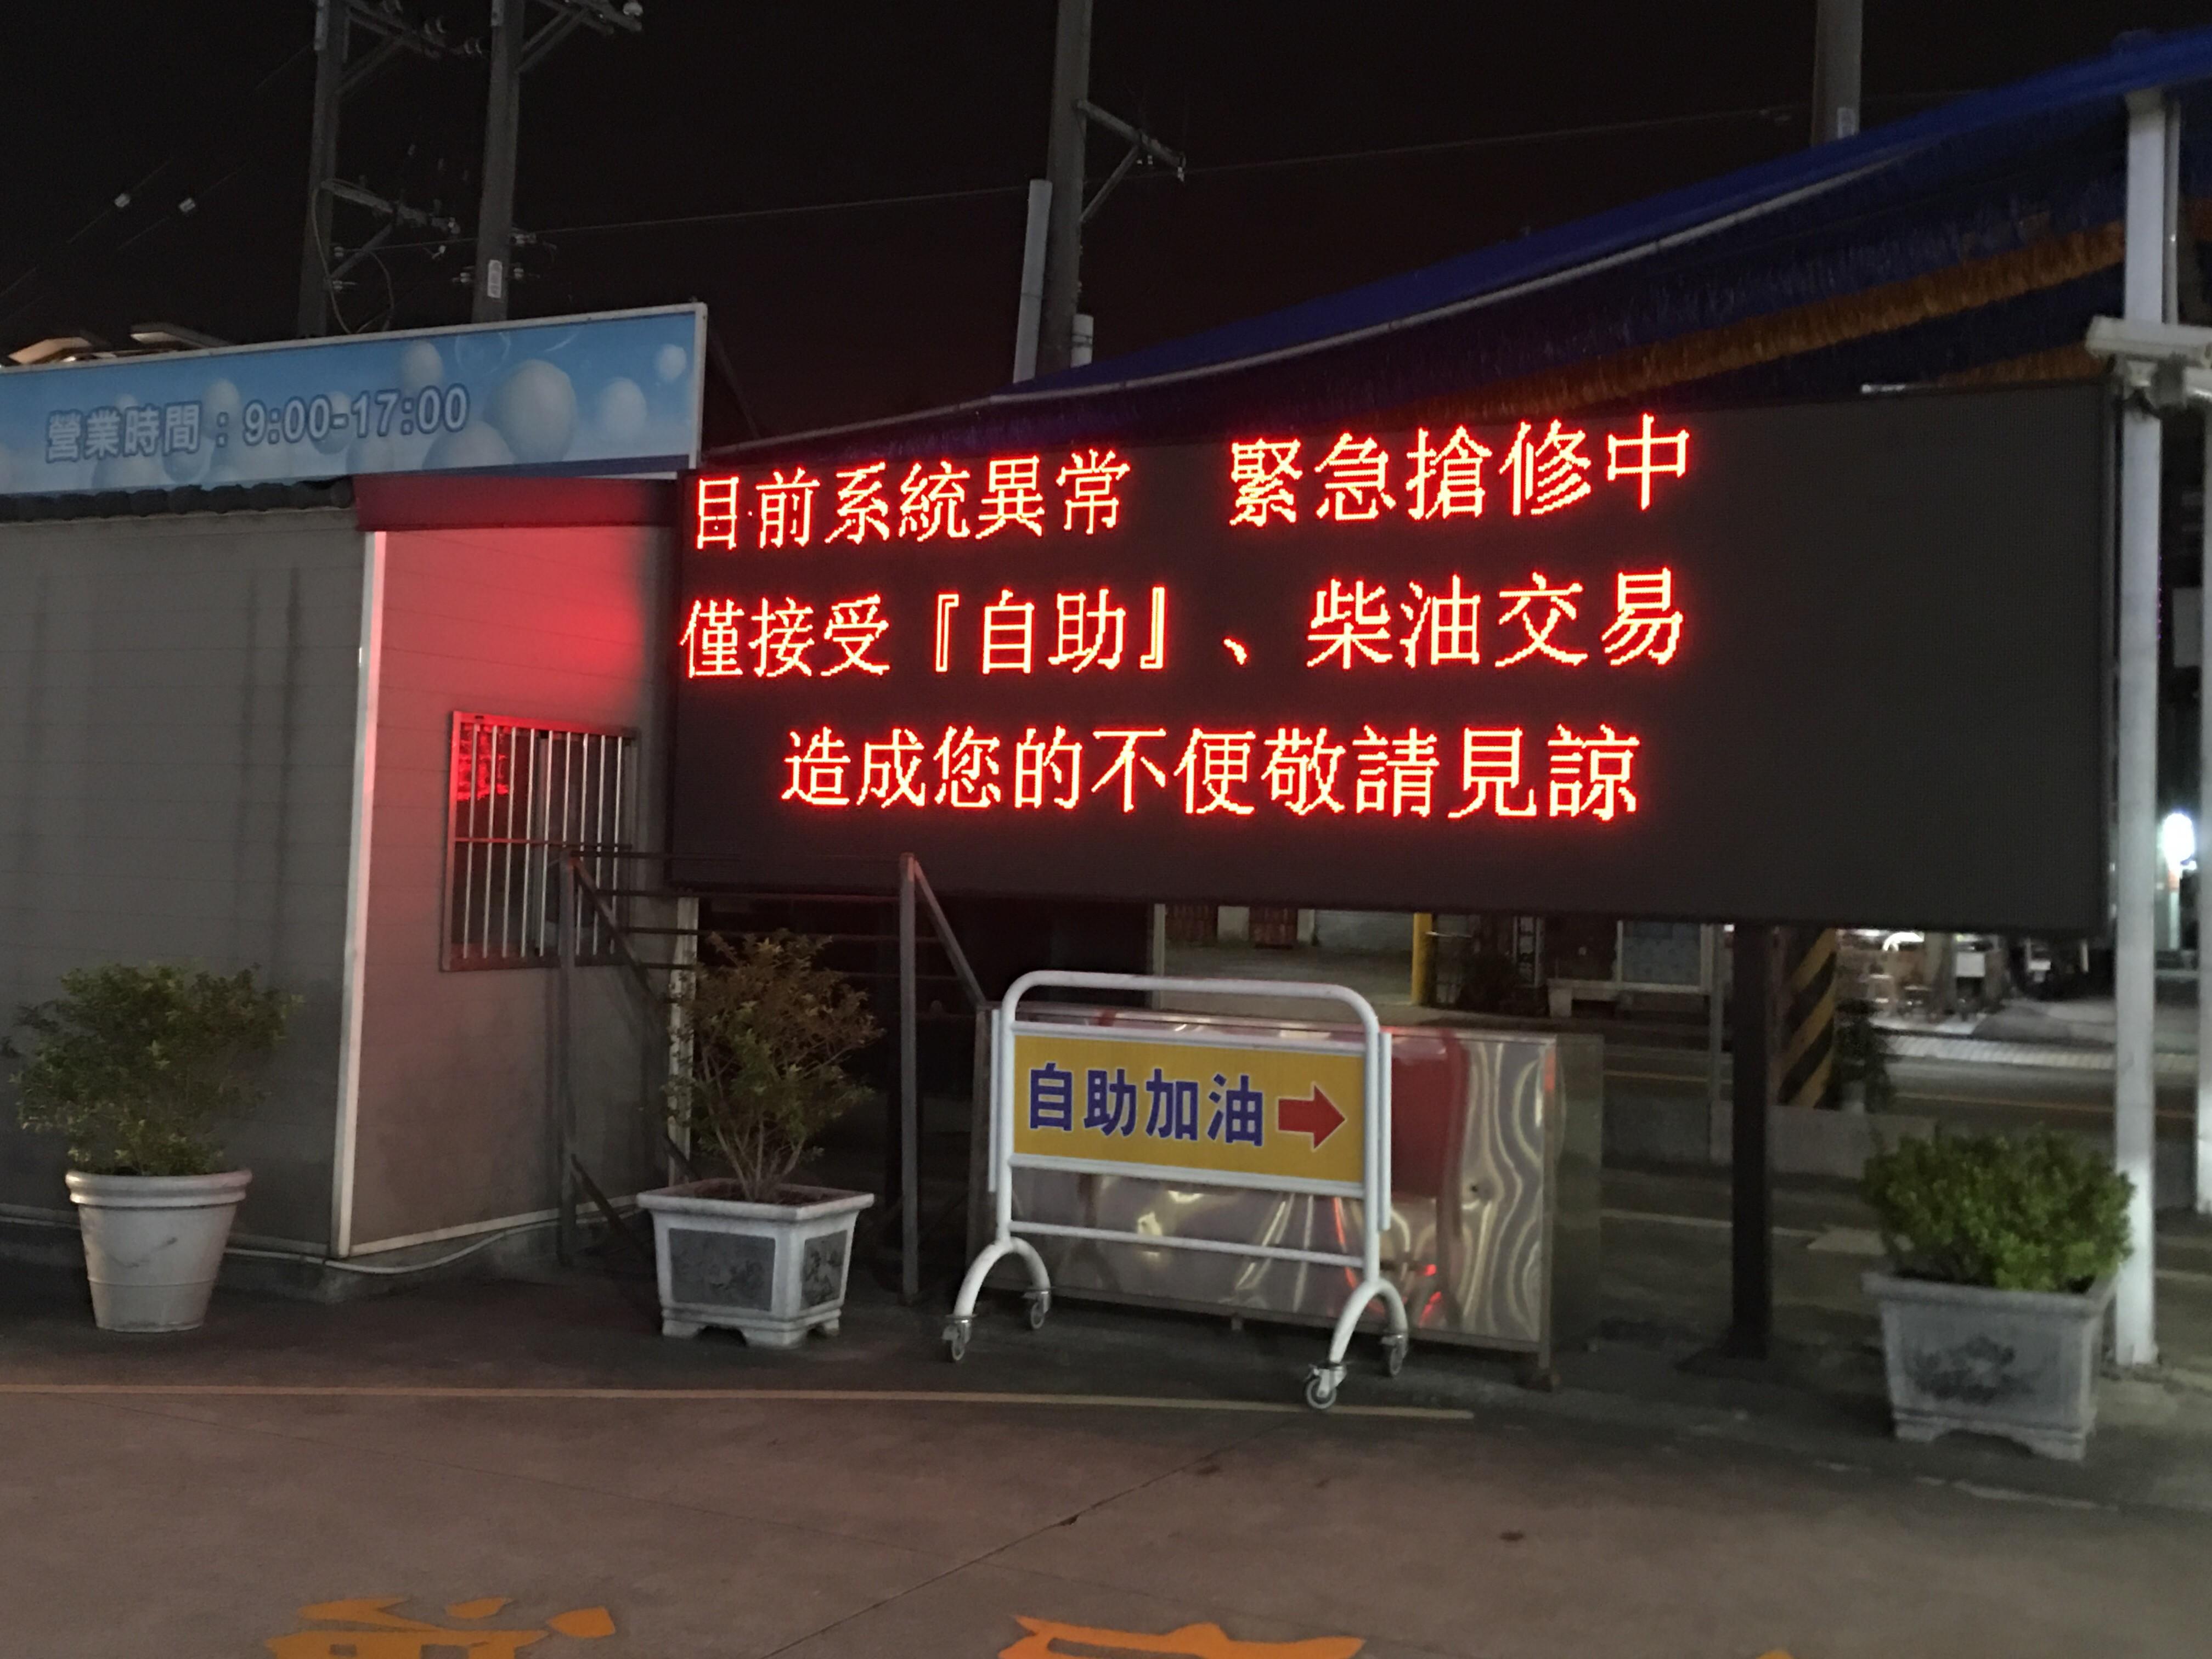 ▲▼台灣中油加油站系統異常,搶修中。(圖/記者姜國輝攝)